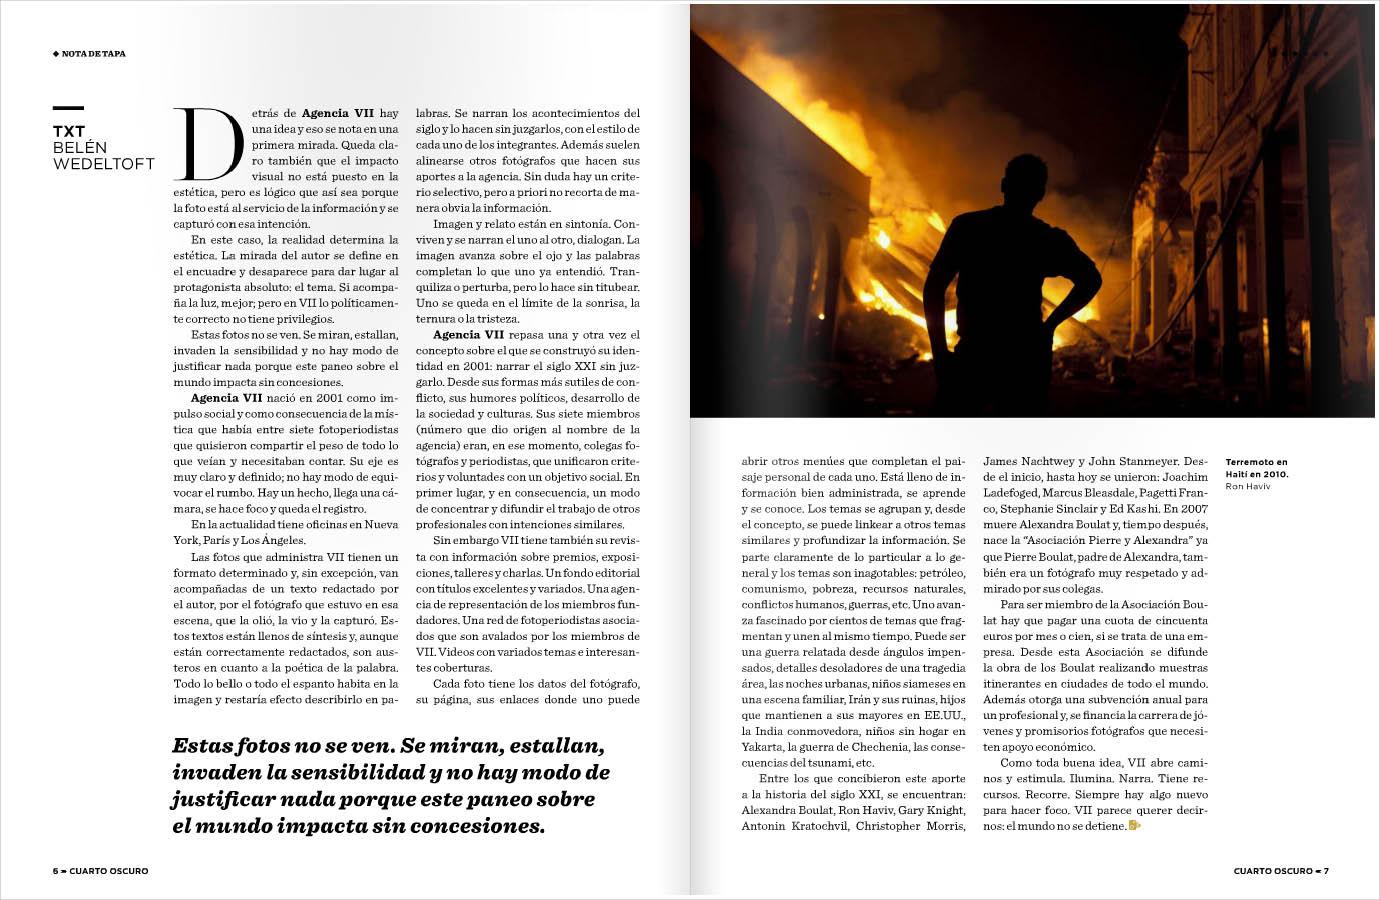 Lucio kleiman dise o revista cuarto oscuro for Cuarto oscuro rayos x